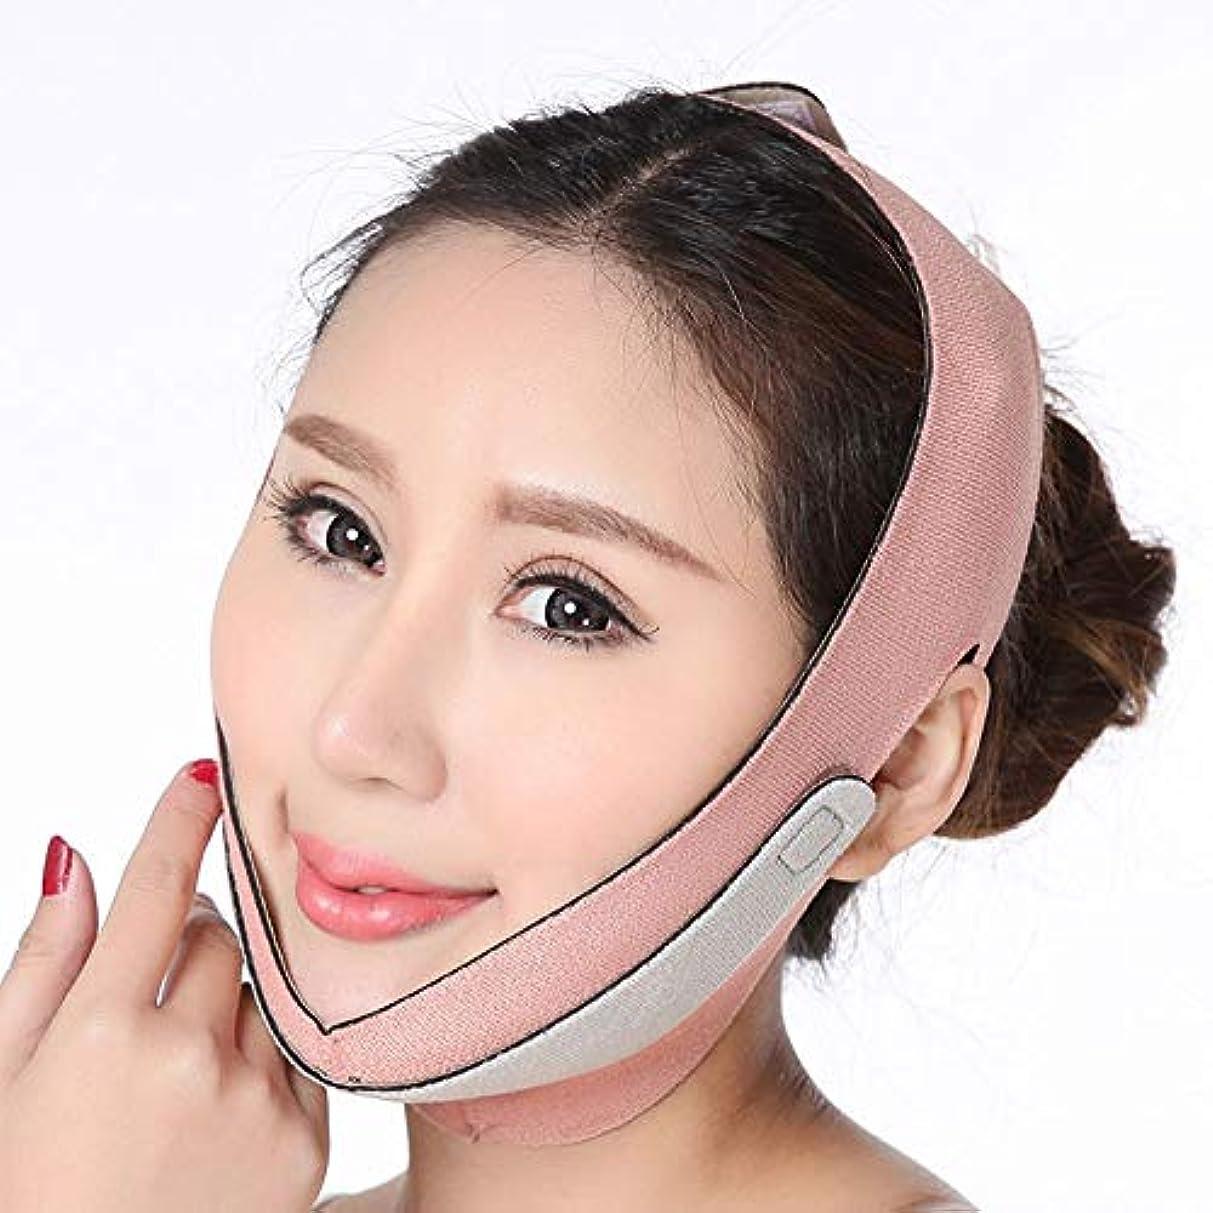 私予約敬意を表してJia Jia- シンフェイス包帯シンフェイスマスクフェイスリフトアーティファクトレイズVフェイスシンフェイスフェイスリフティング美容マスク小フェイス包帯 顔面包帯 (色 : A)